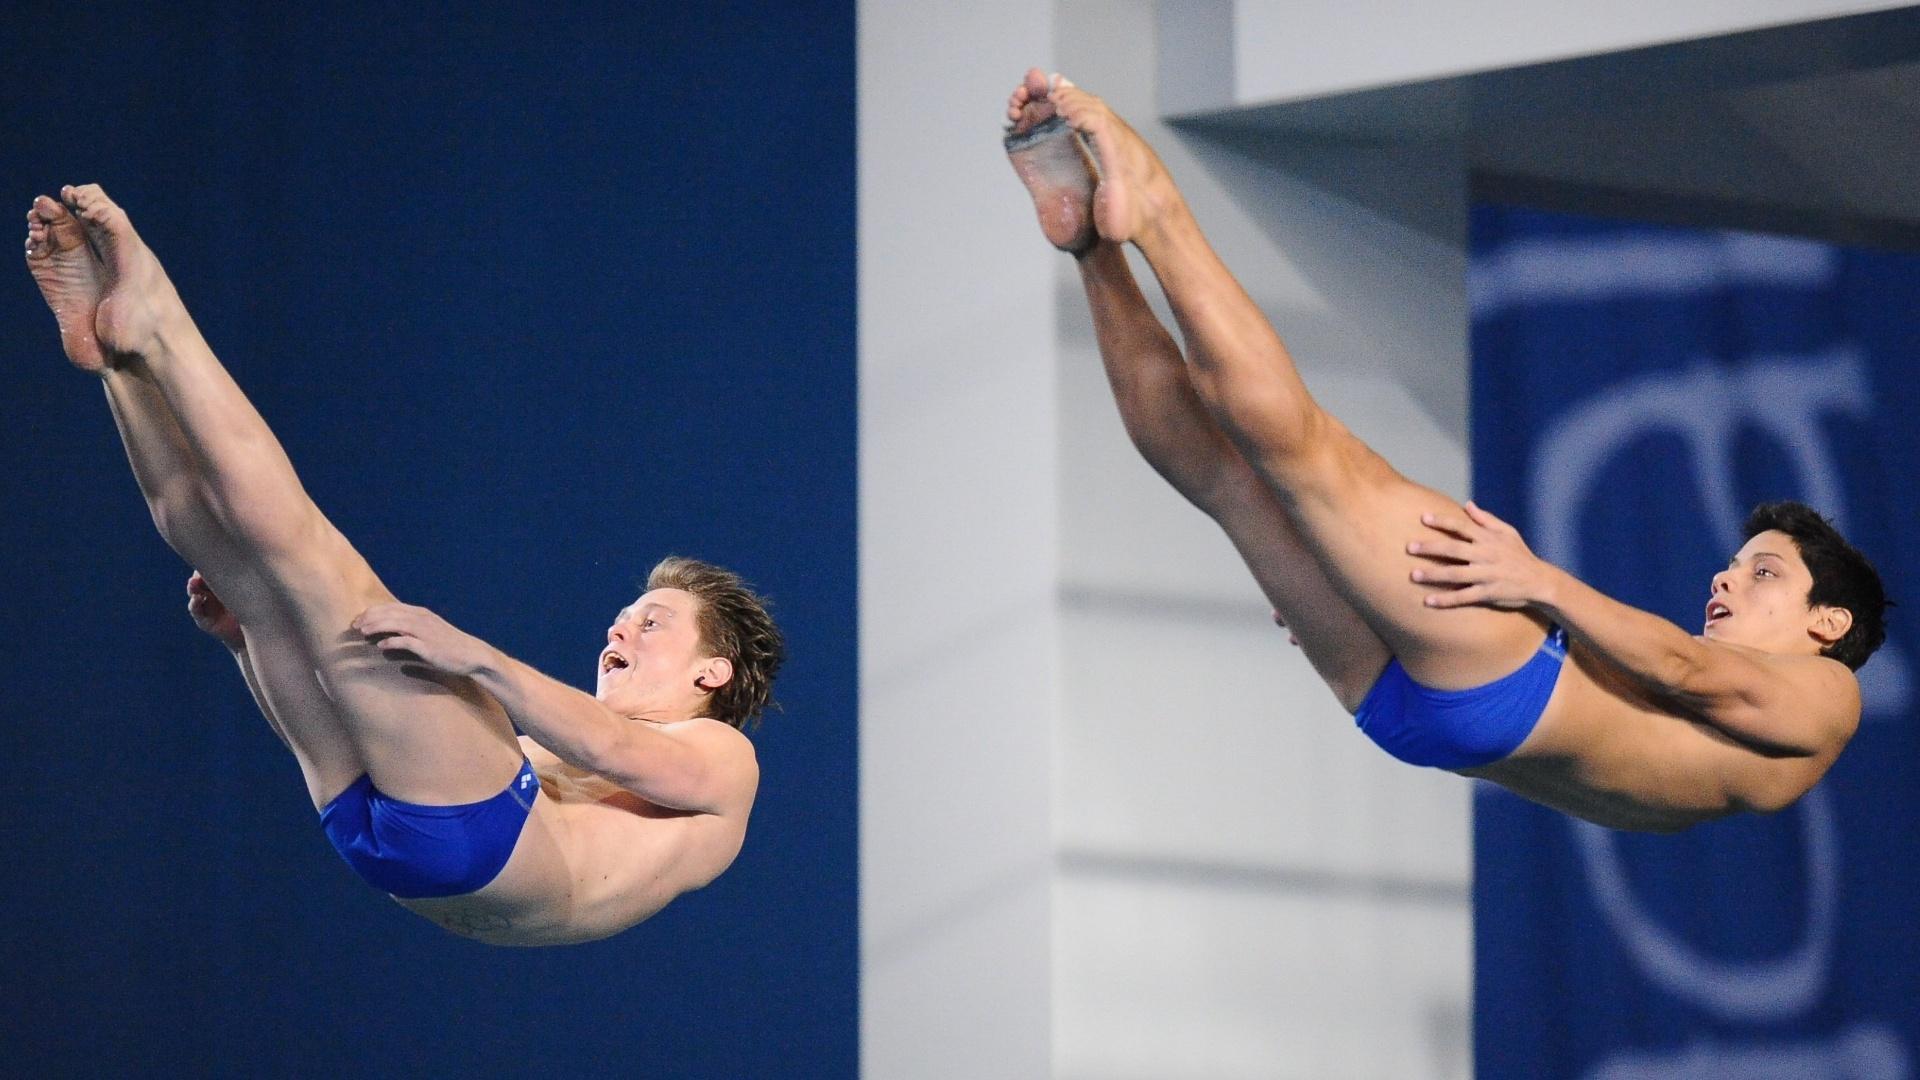 Os chilenos Diego Carquin e Donato Neglia 'combinaram' até na careta na disputa do saltos ornamentais no Pan de Guadalajara